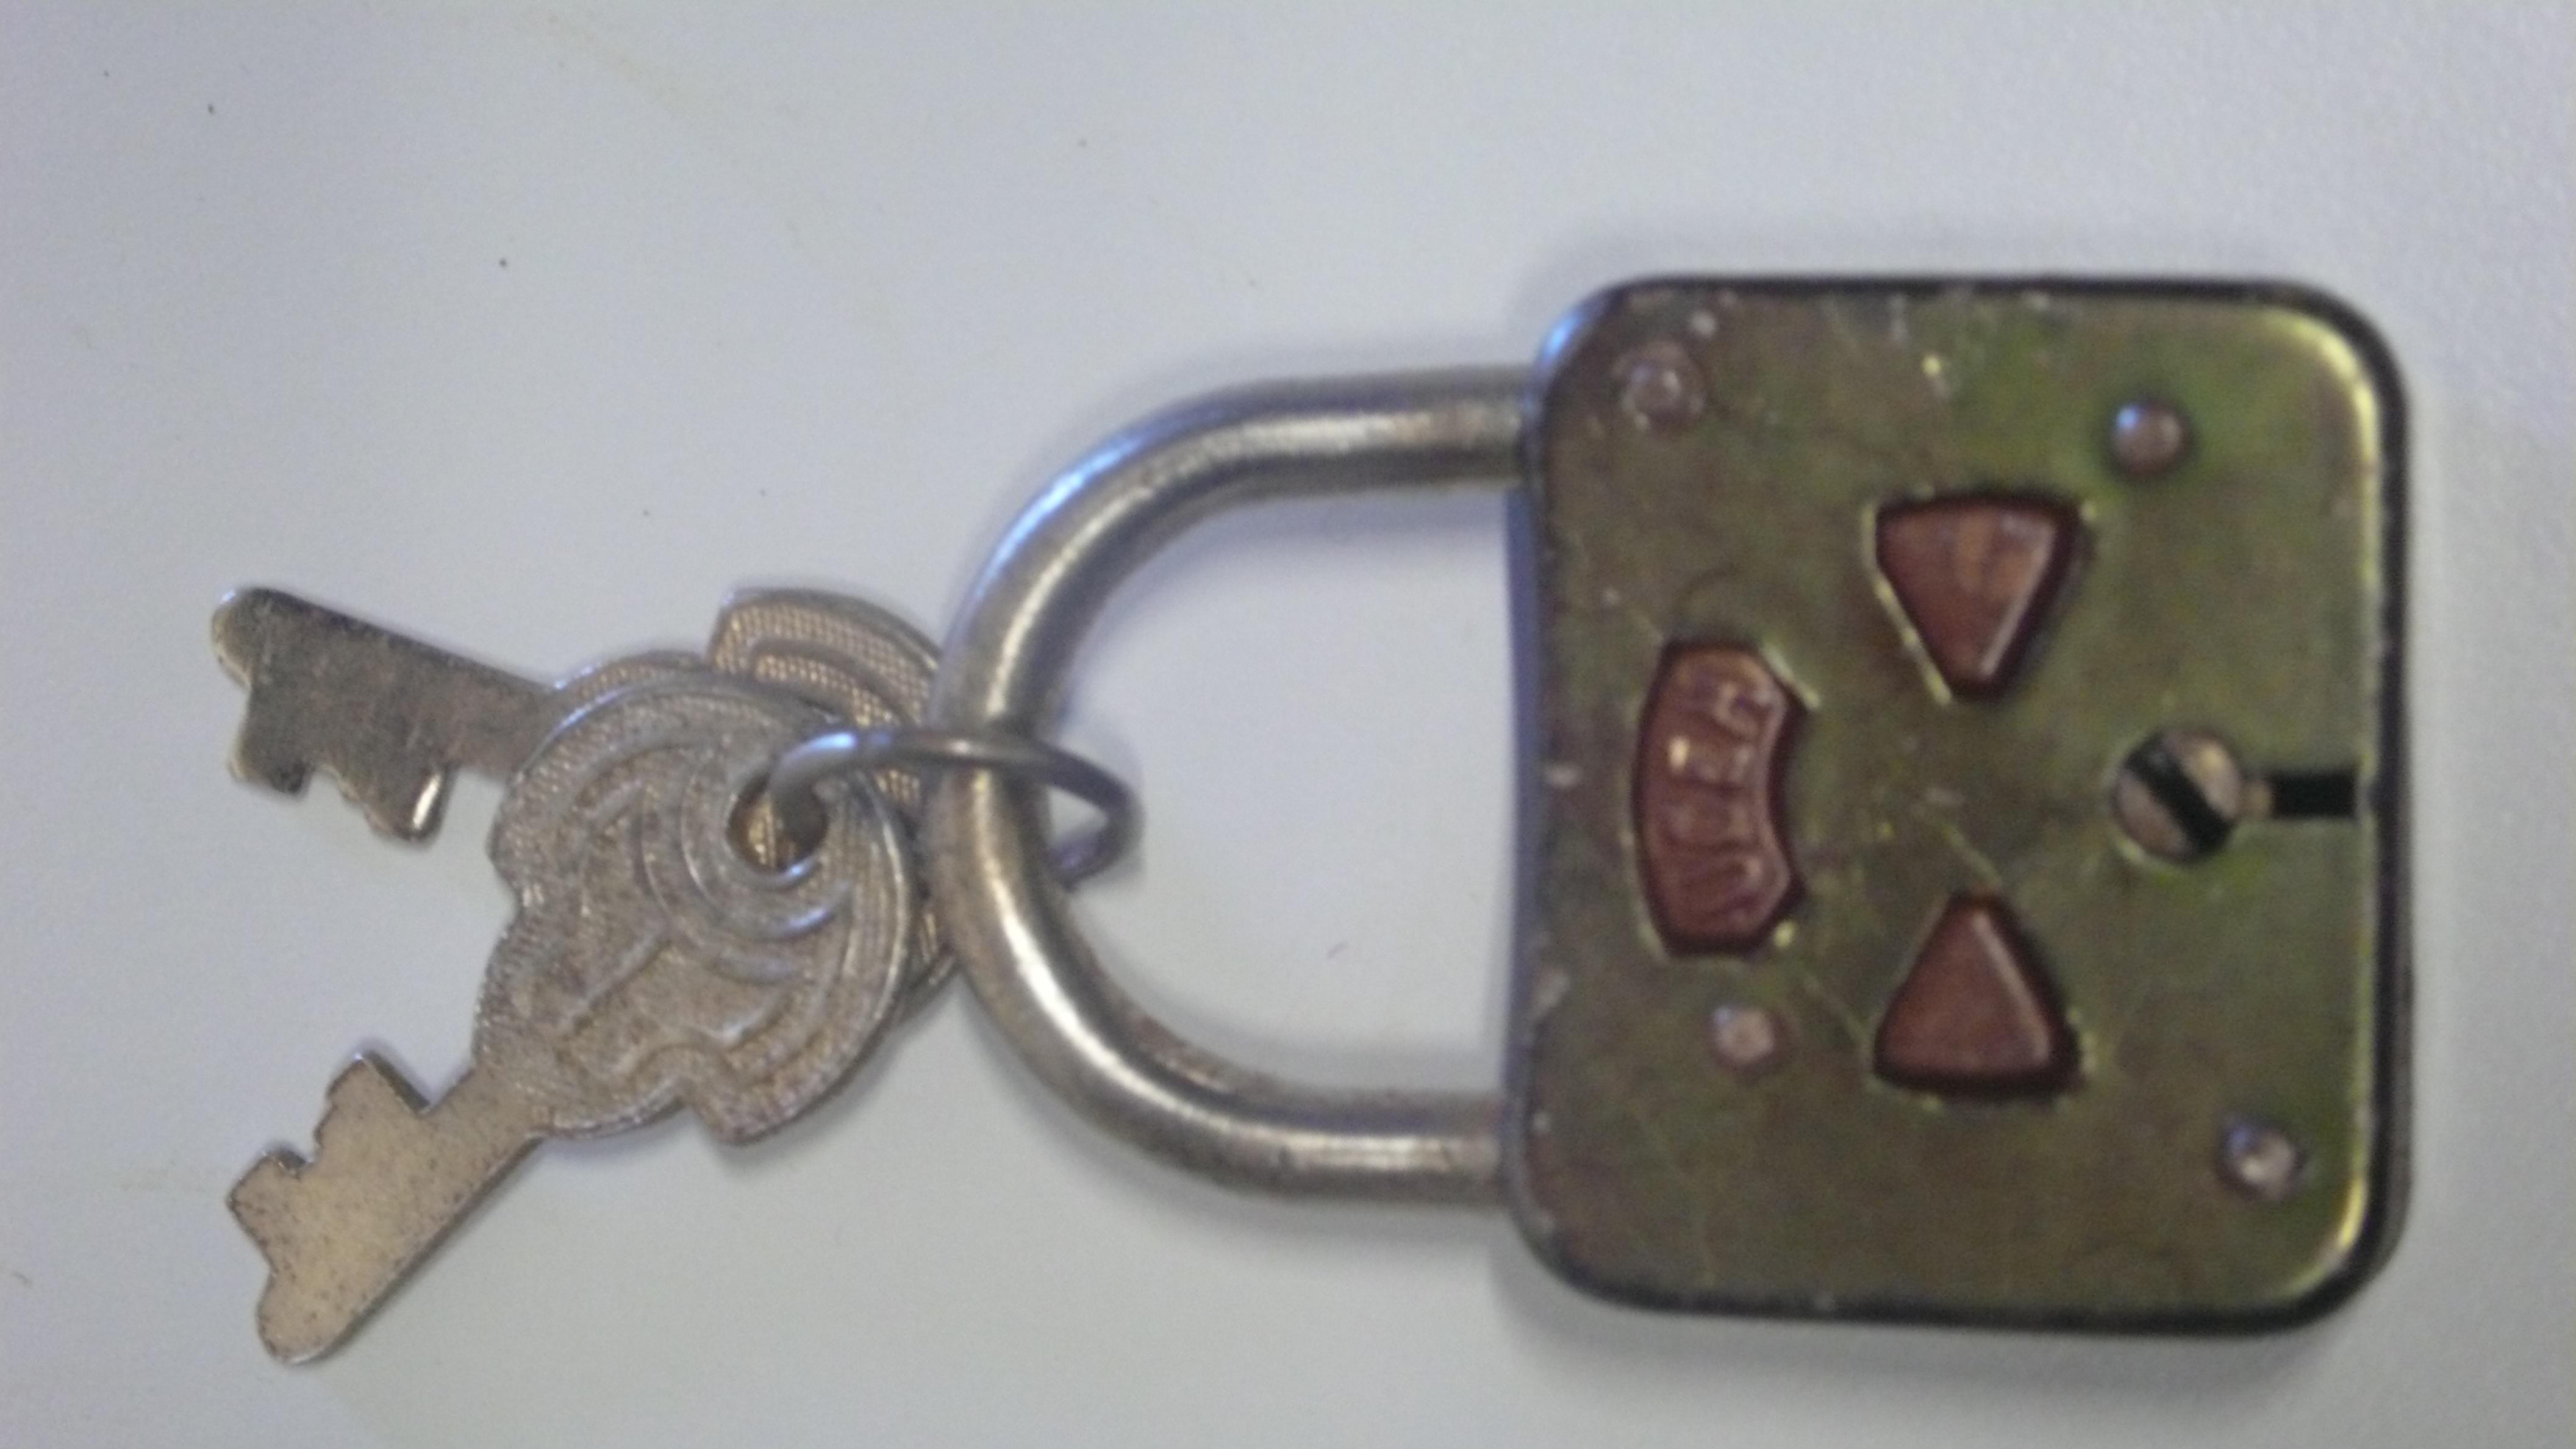 Candado con llaves